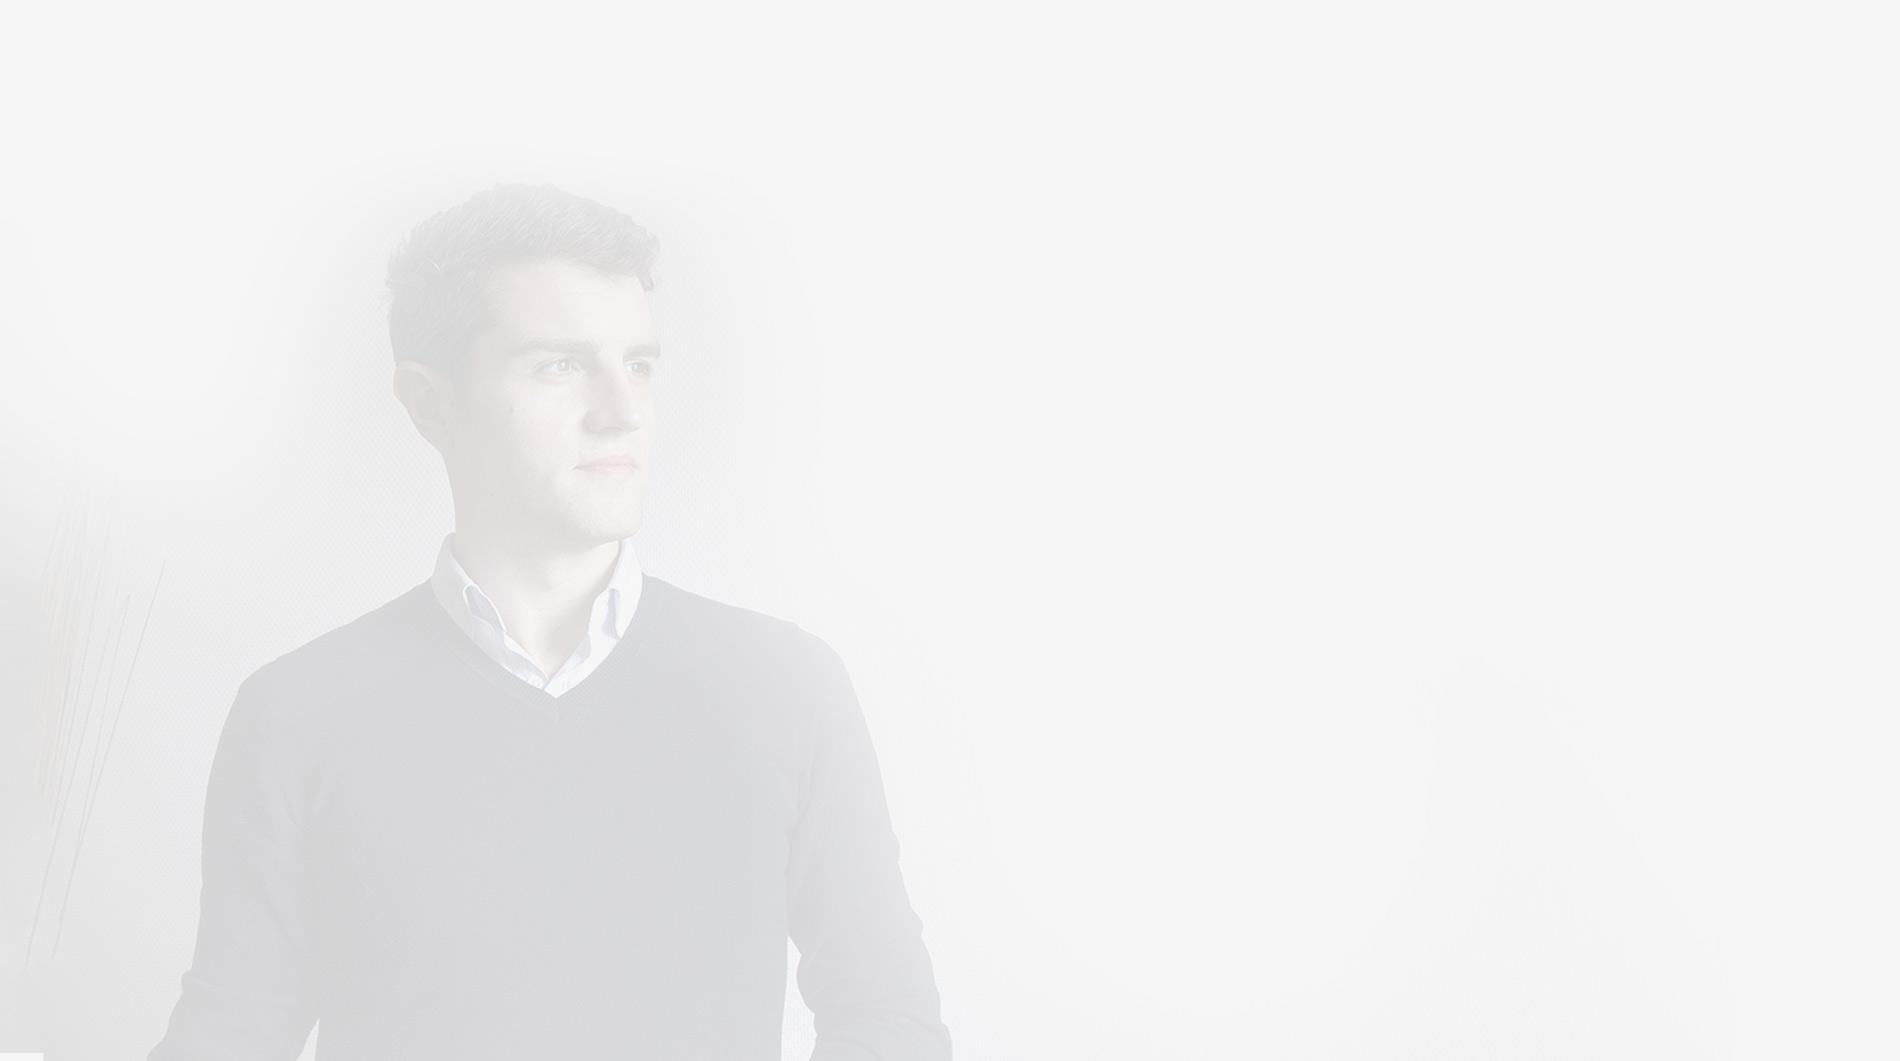 UX UI Designer - fond gris clair